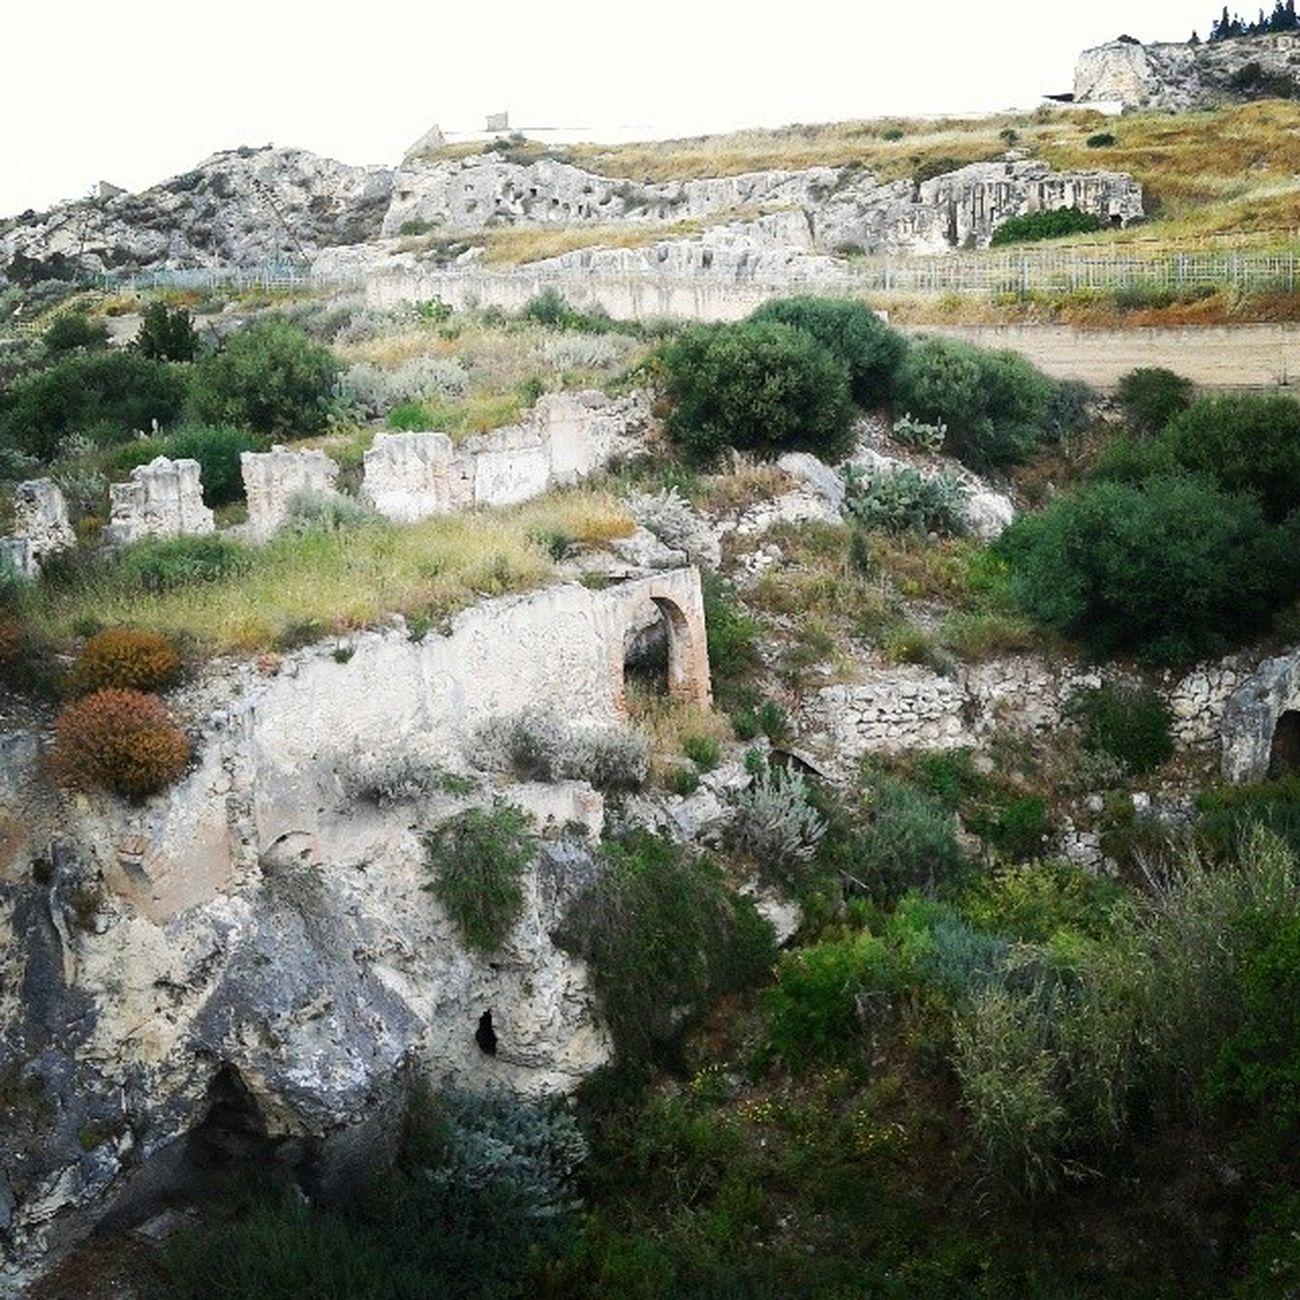 Adoro la vista dal tuo balcone. Cagliari Tuvixeddu Natire Ruins arch ruderi romanticism necropolis graves sepolture